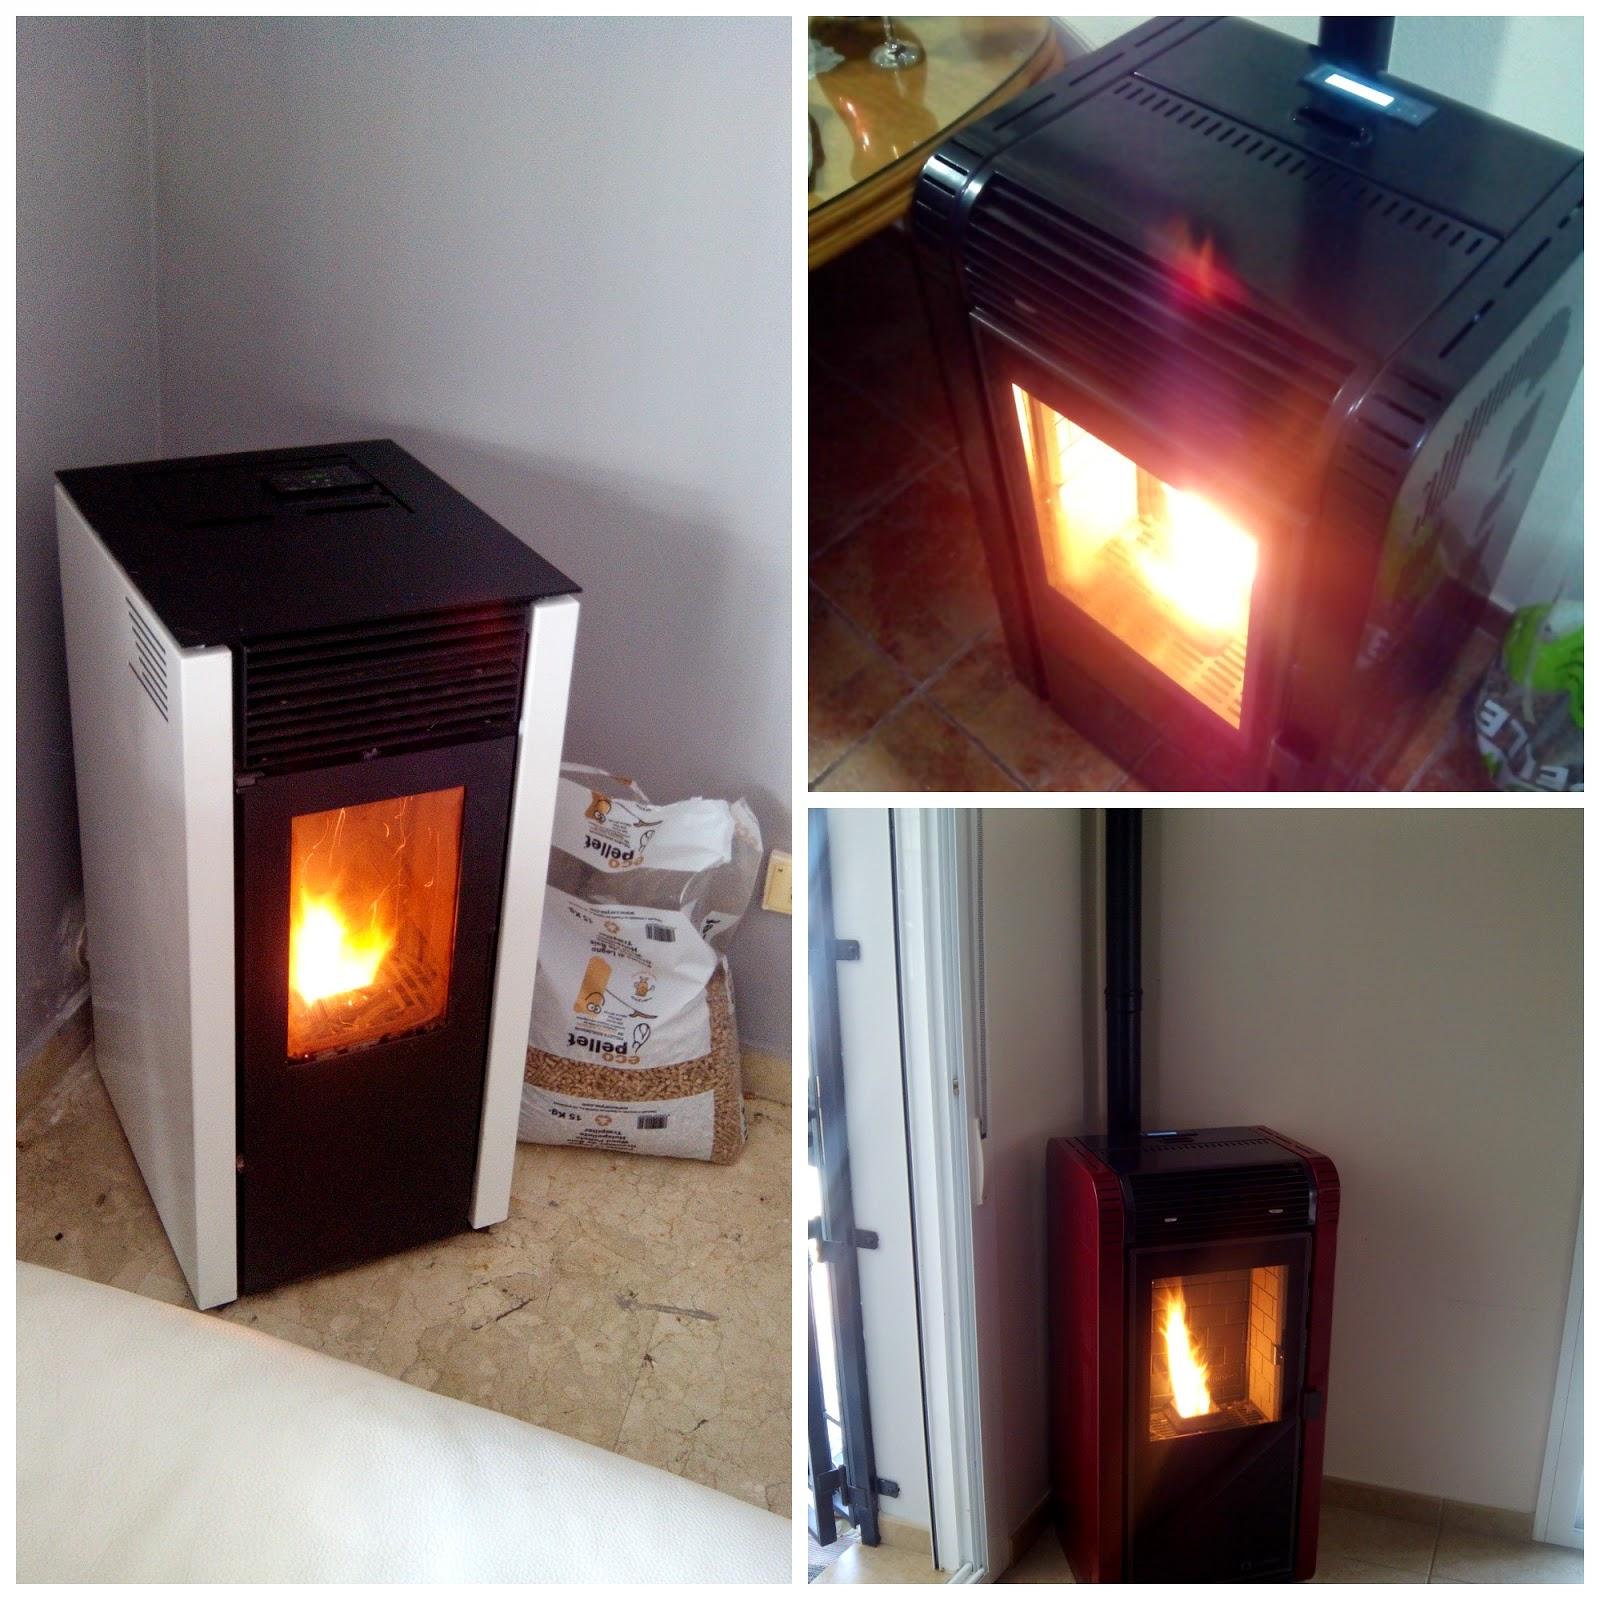 Eficiencia energ tica ahorrando energ a fotos estufas - Estufas de biomasa ...